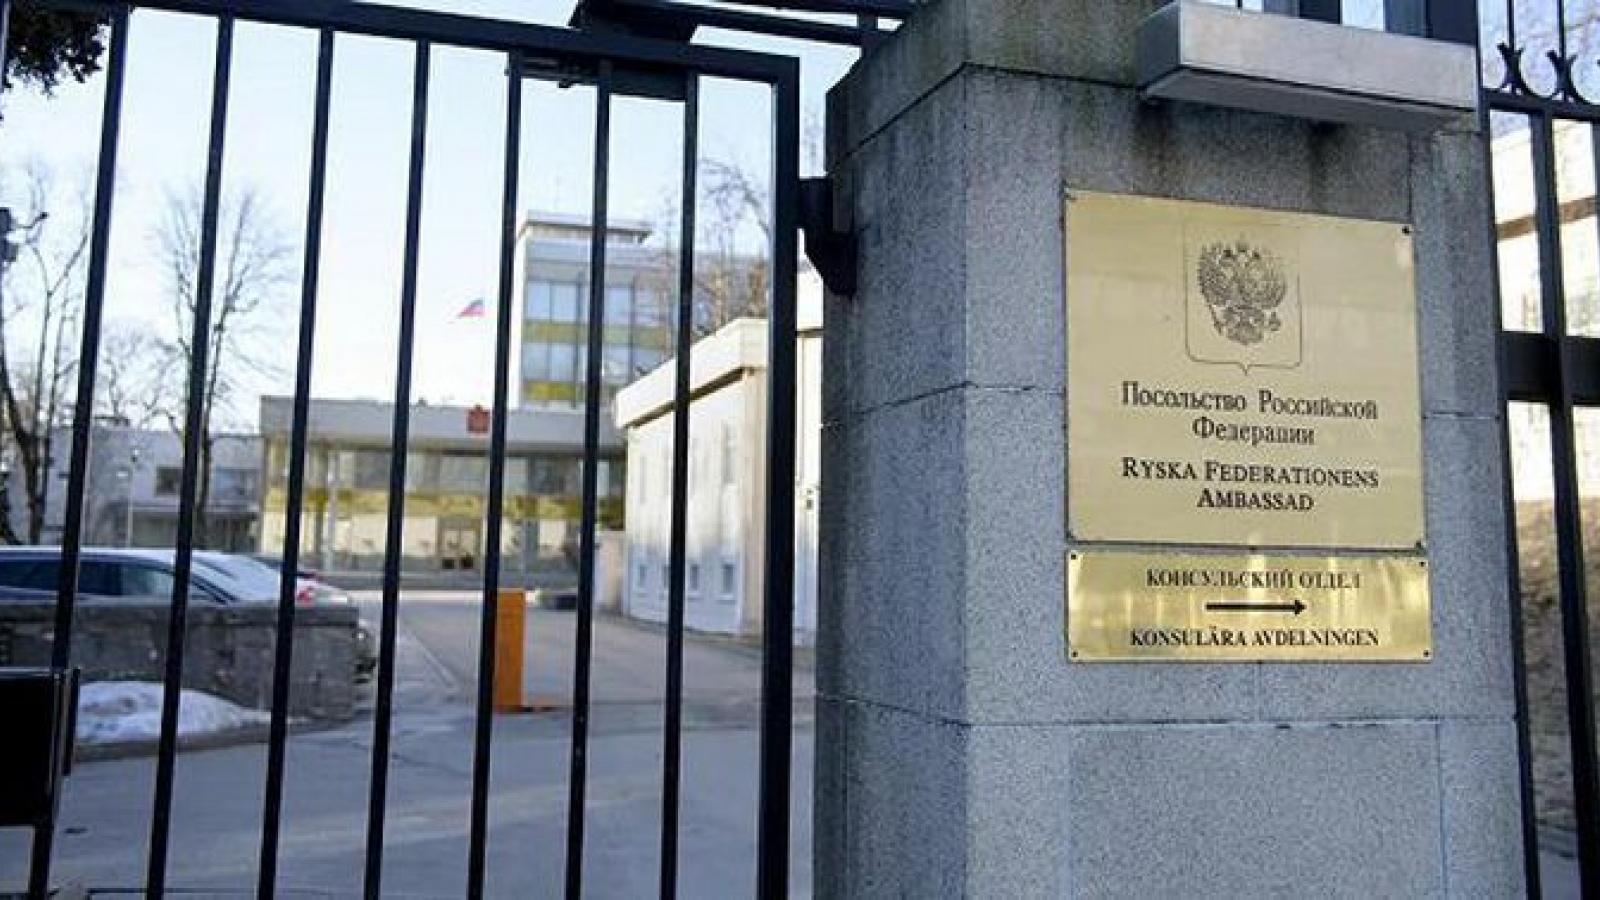 Thụy Điển triệu tập đại sứ Ngavề việc Moscow trừng phạt 8 quan chức EU